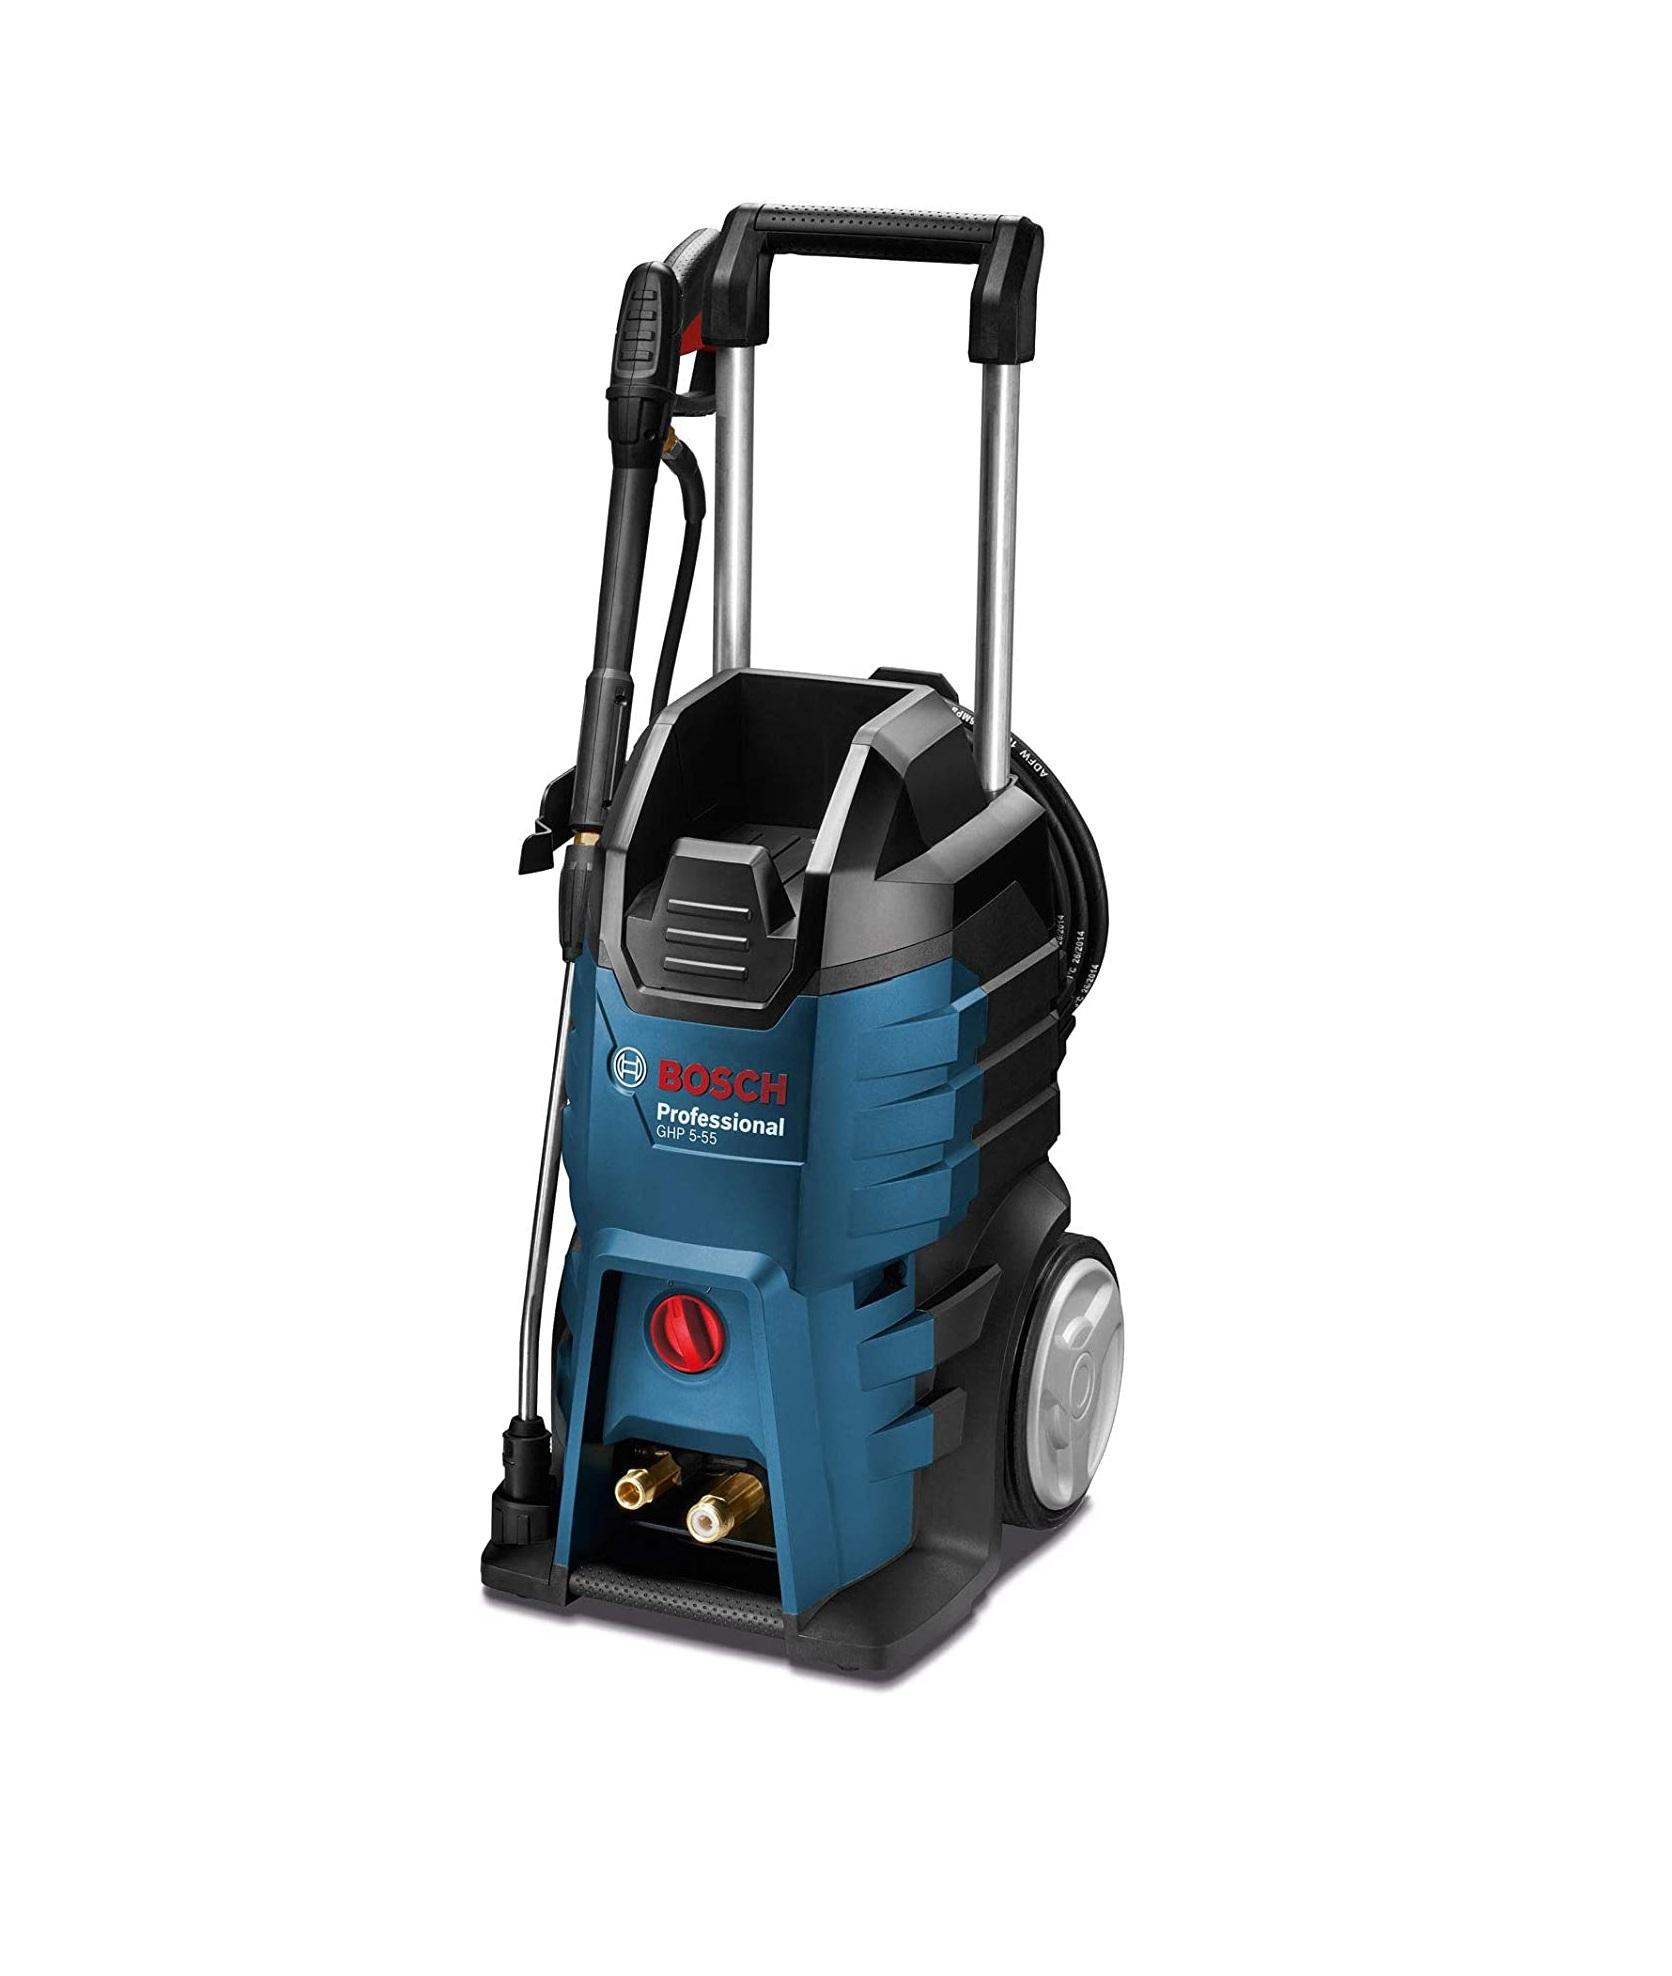 Bosch_0600910470_GHP 5-55 Pressure Washer 2